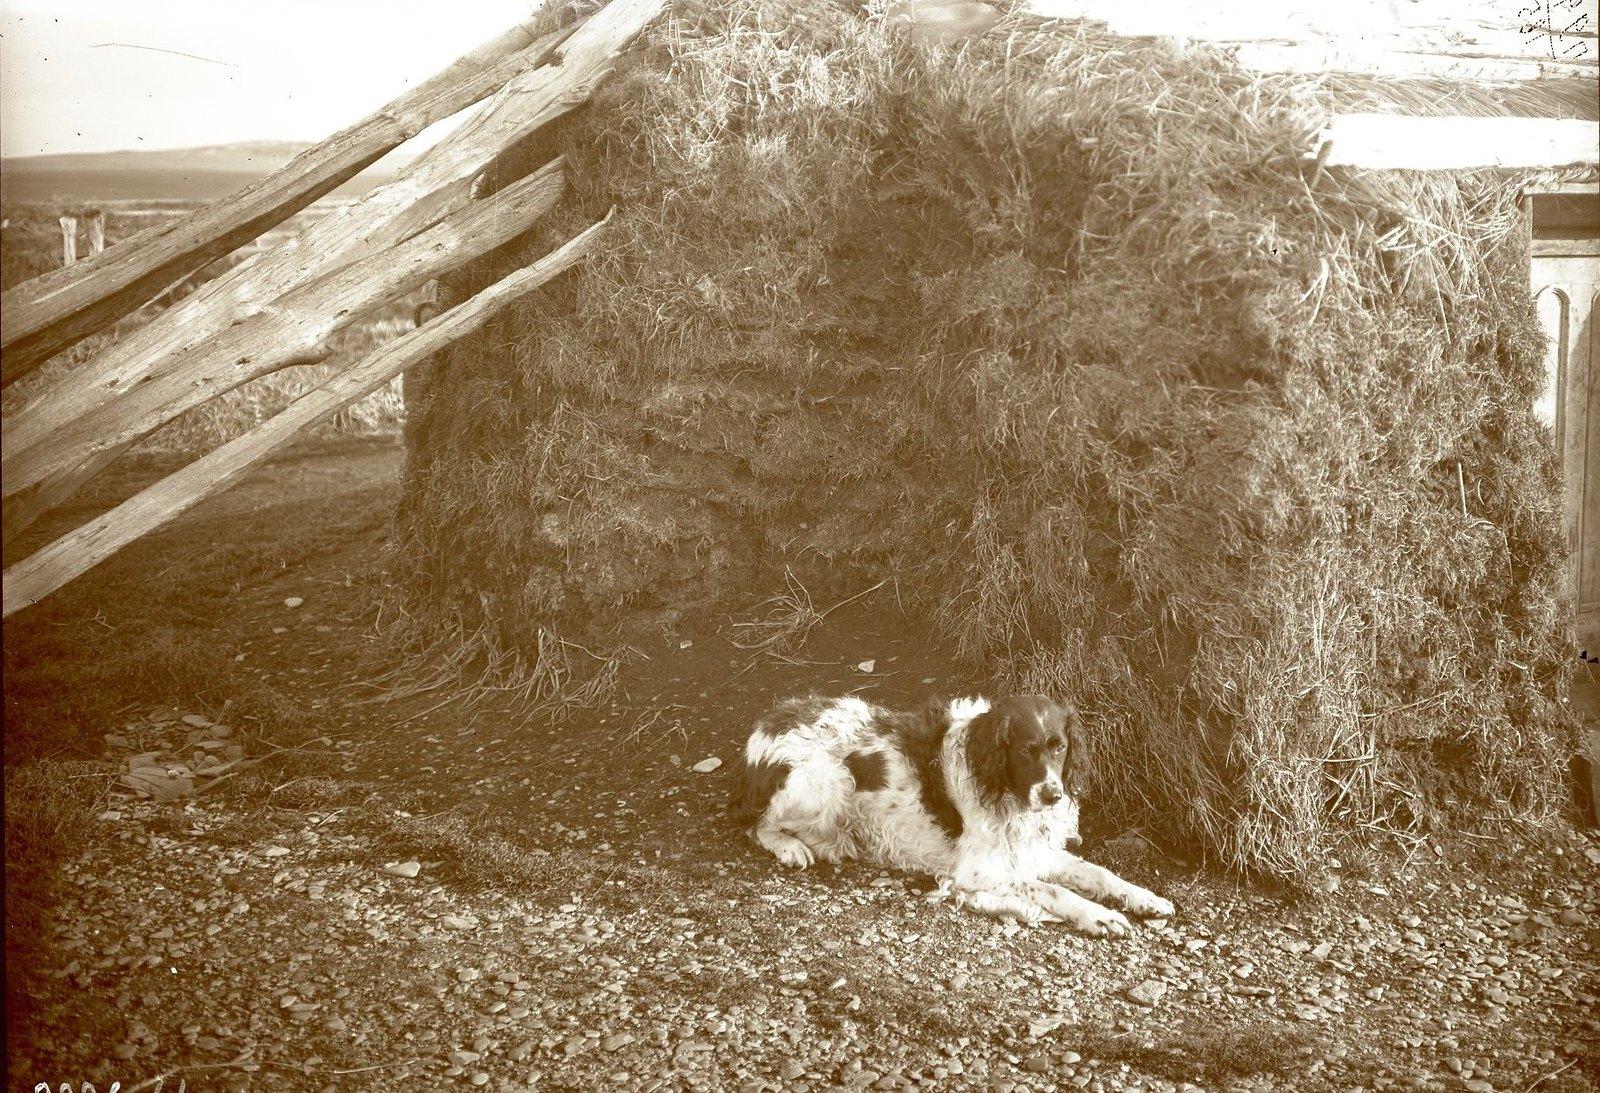 1909. 30 ноября. Алеутская собака. Алеуты. Умнак остров, с. Никольское